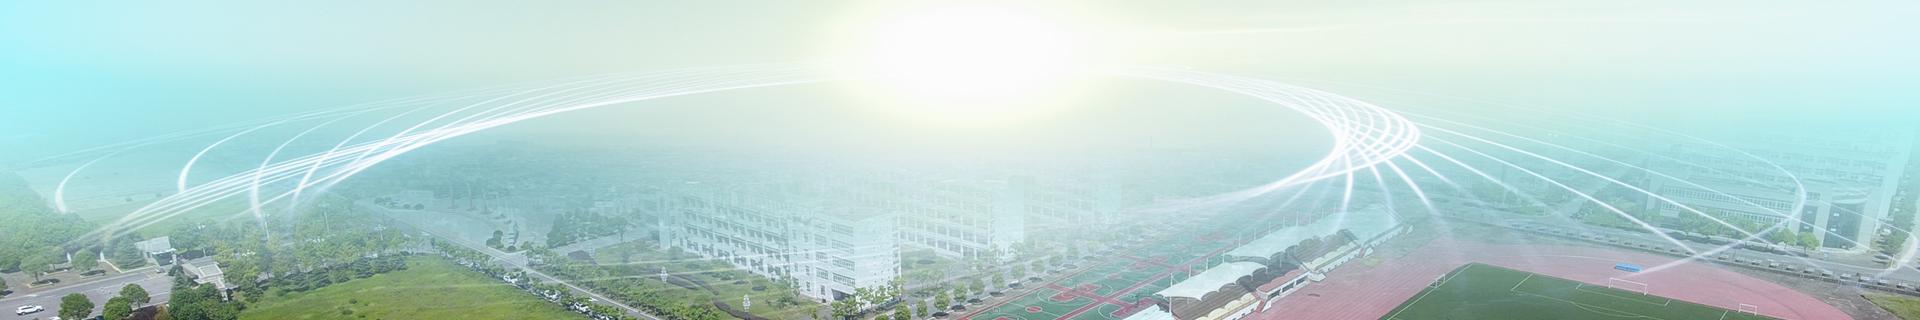 锐捷网络加速未来学校